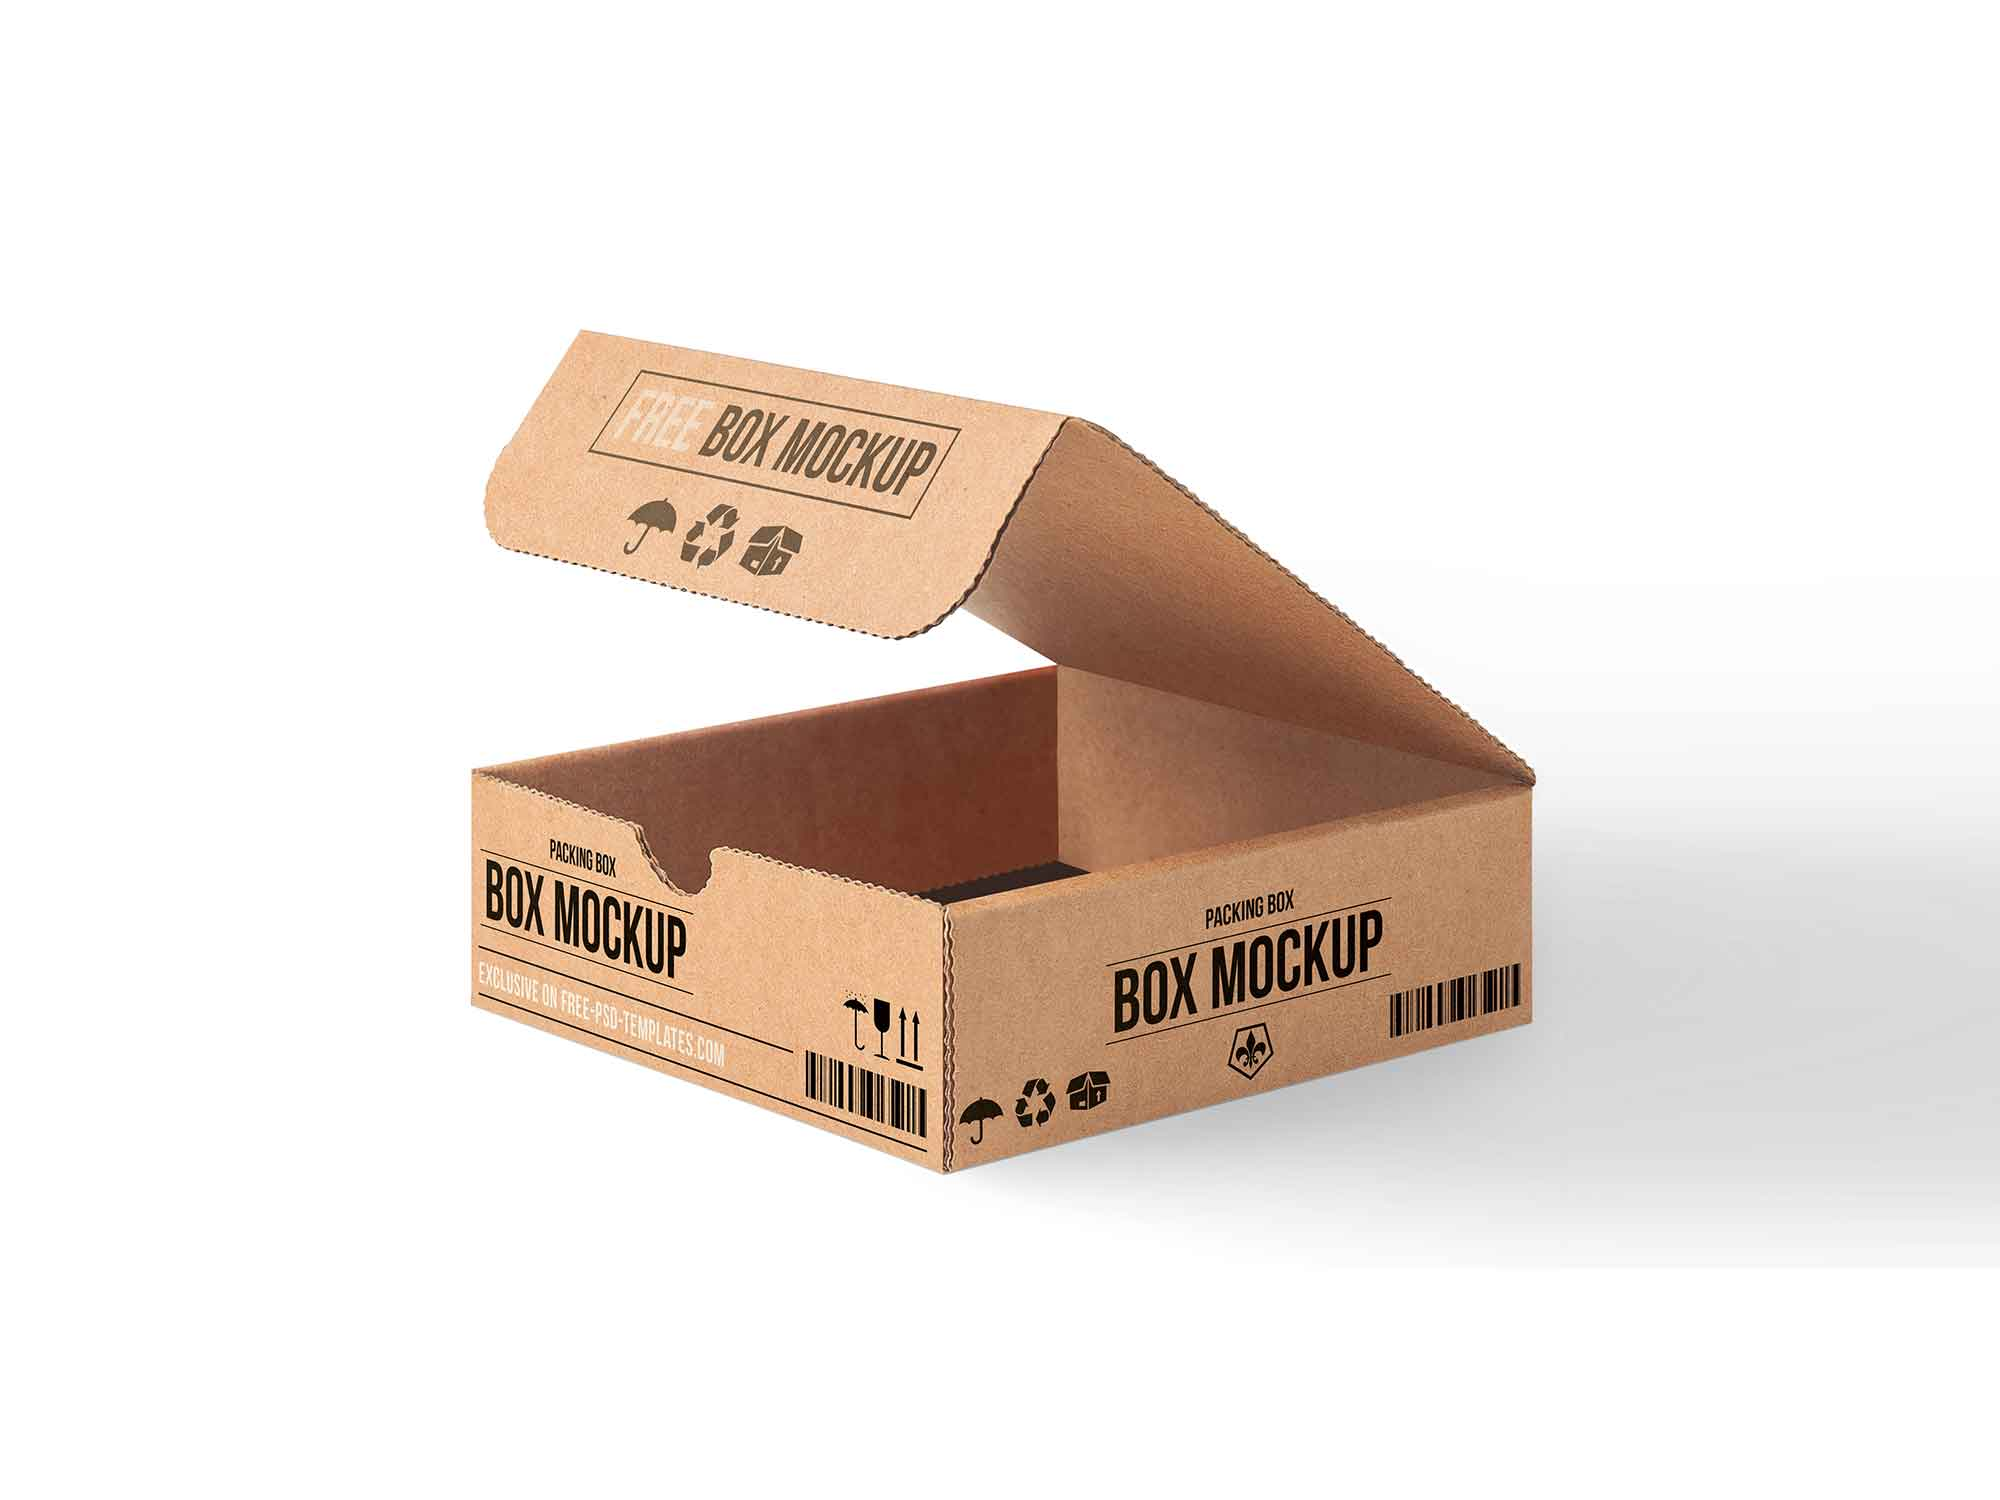 Carton Packaging Box Mockup 2